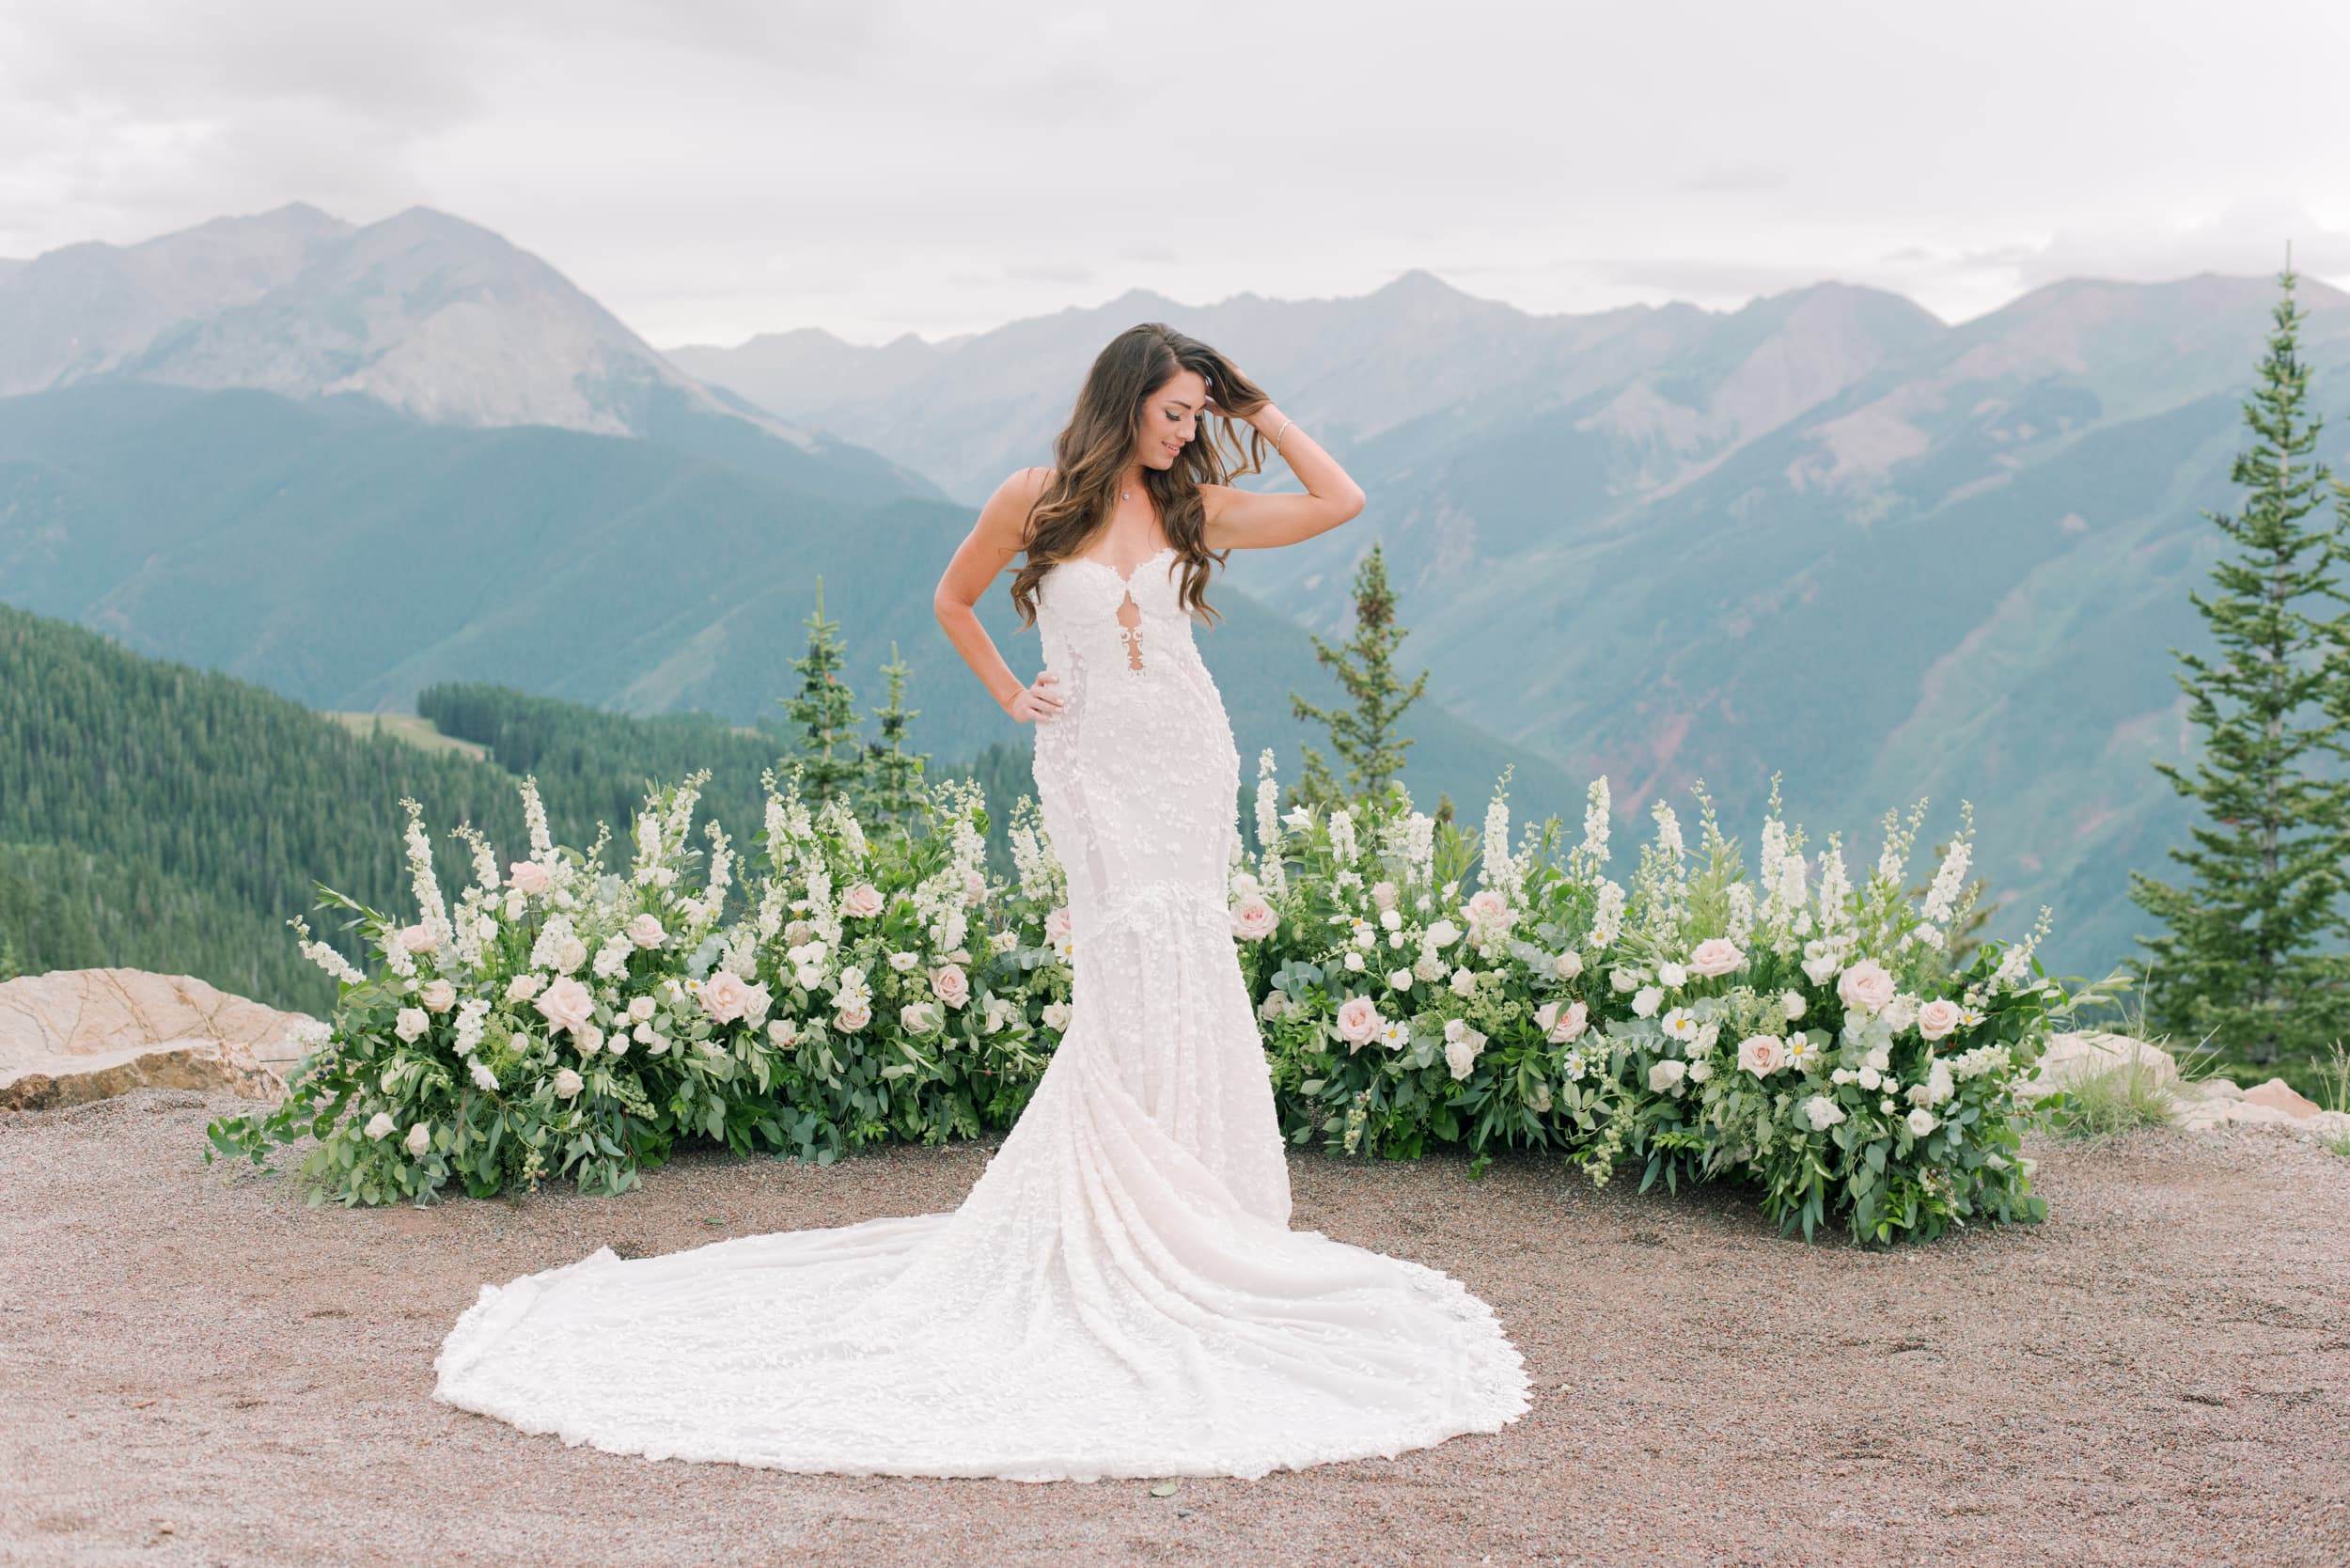 The-Little-Nell-Aspen-Summer-Wedding_0a